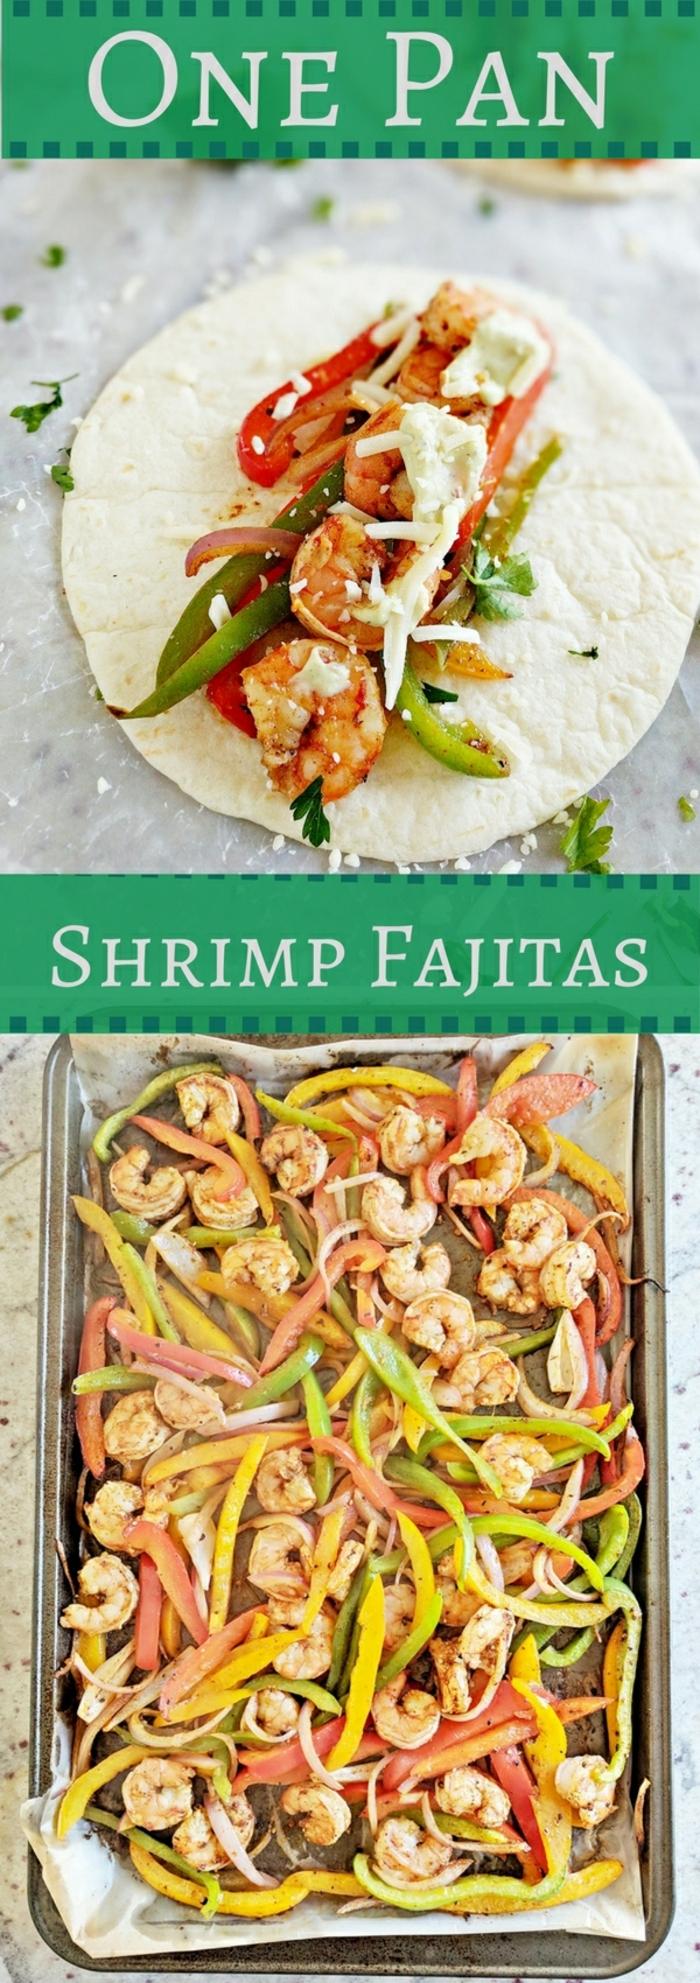 rezepte ohne kohlenhydrate, garnellen gericht mit gemüse und tortillabrot, wraps selber machen, eine kochplatte mit gemüse und meeresfrüchten